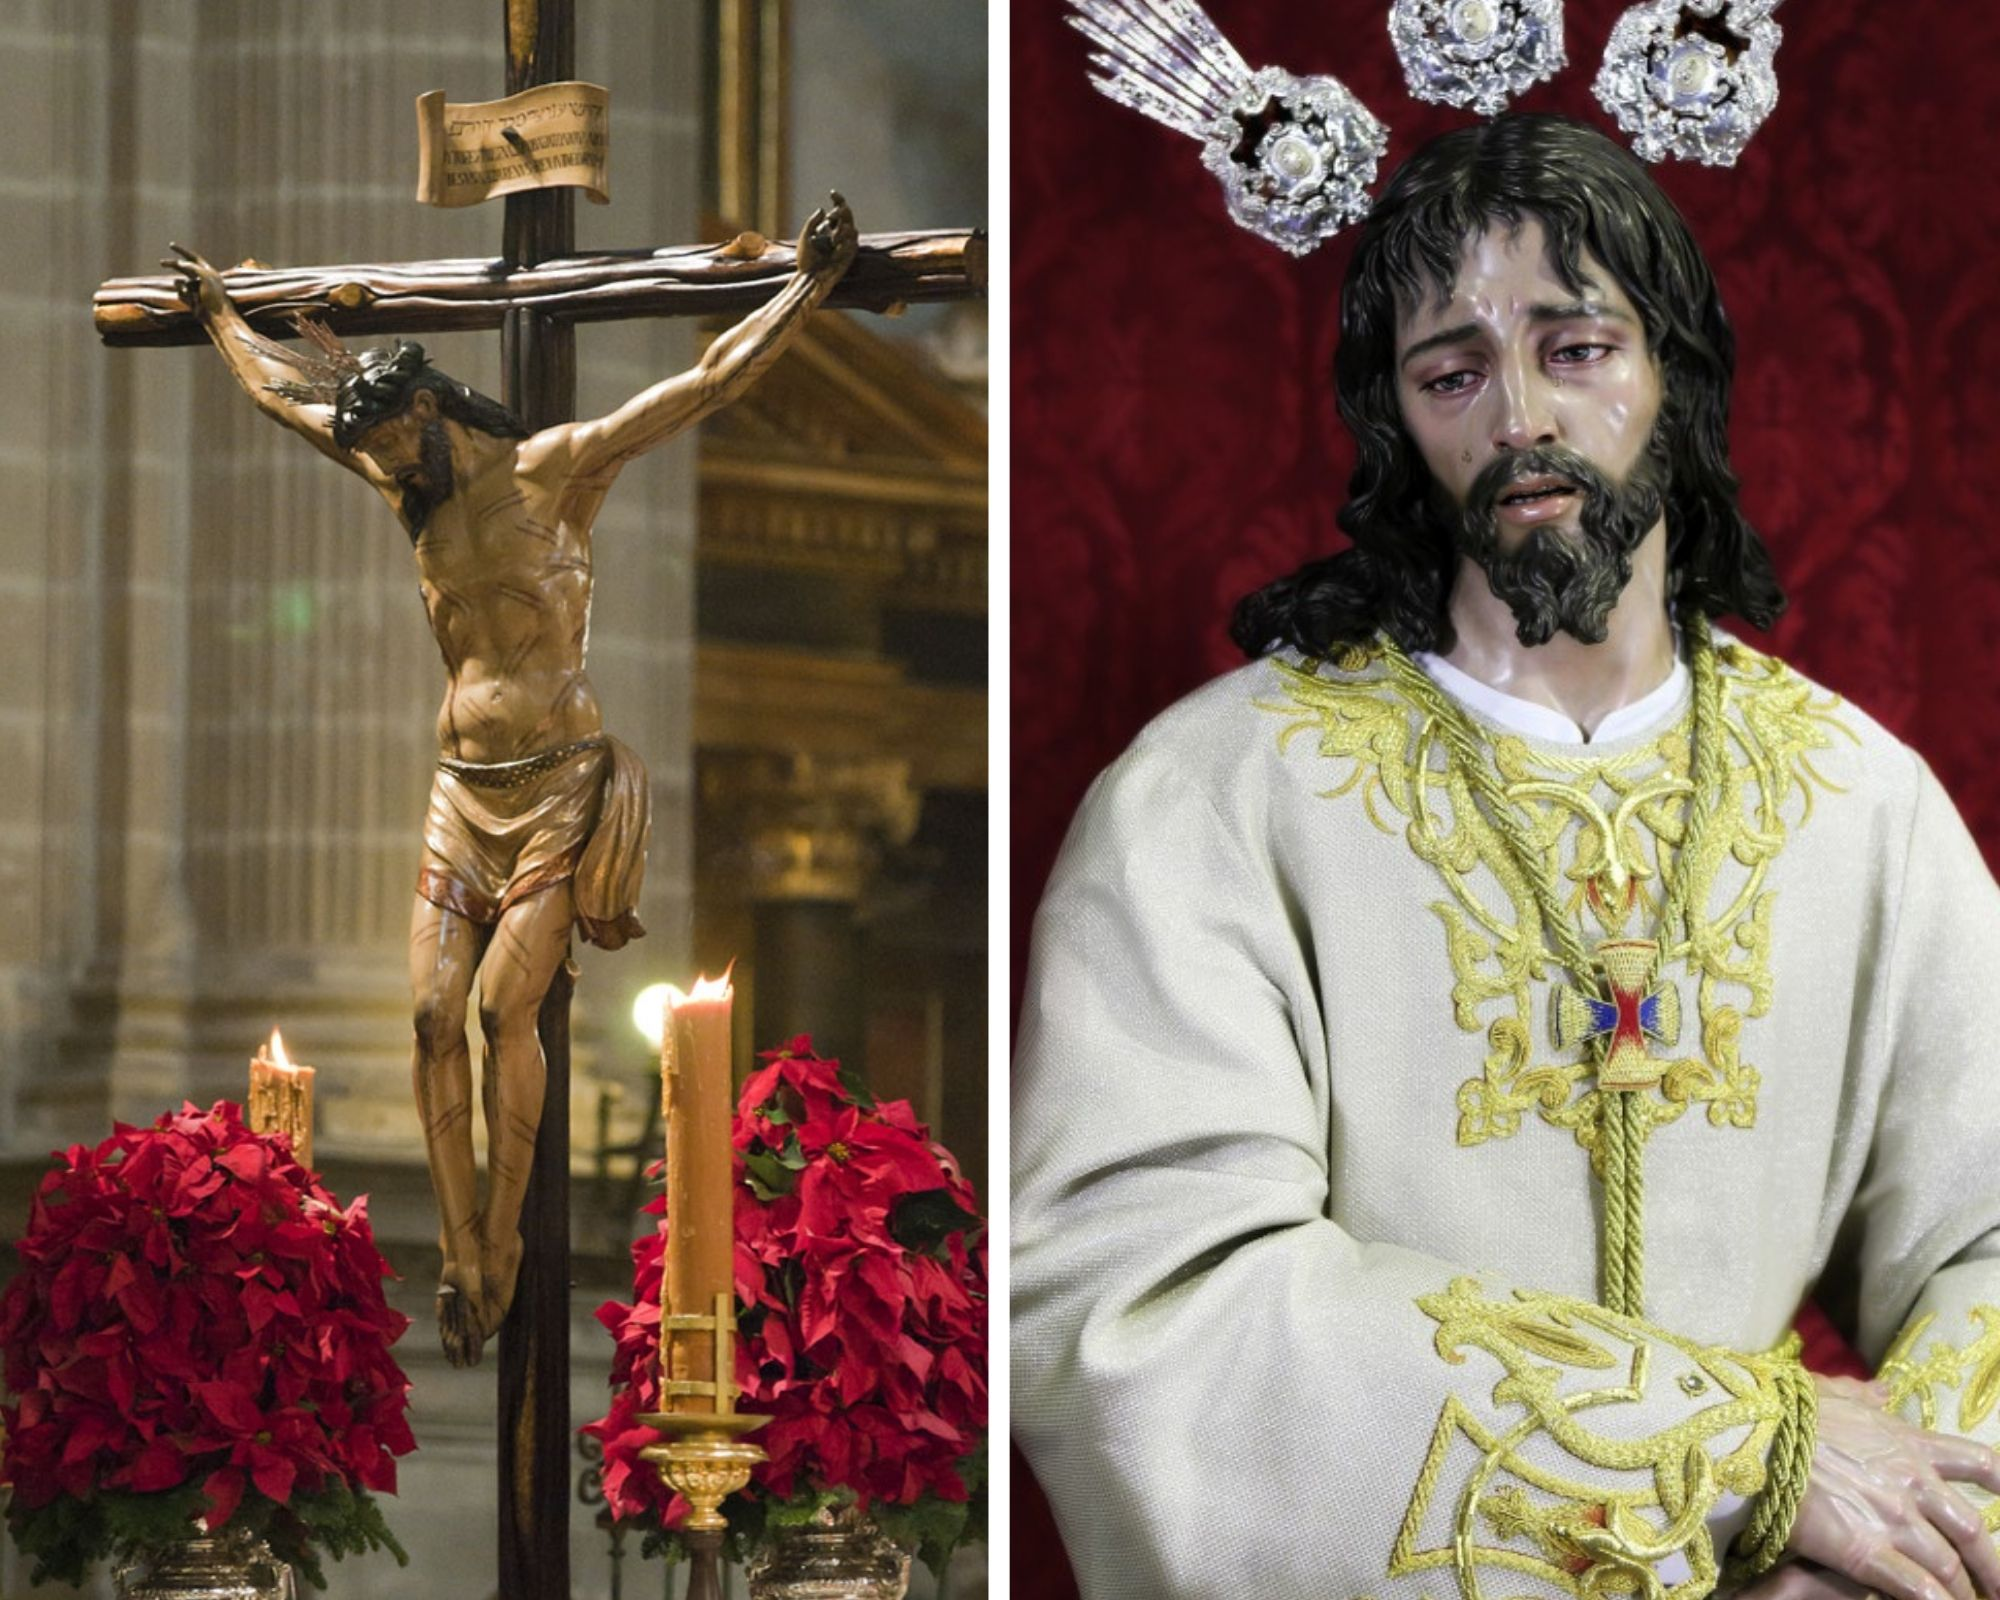 El Cristo de las Misericordias y Jesús Cautivo protagonizarán el Vía Crucis Oficial y el Cartel de la Semana Santa de Jaén 2022